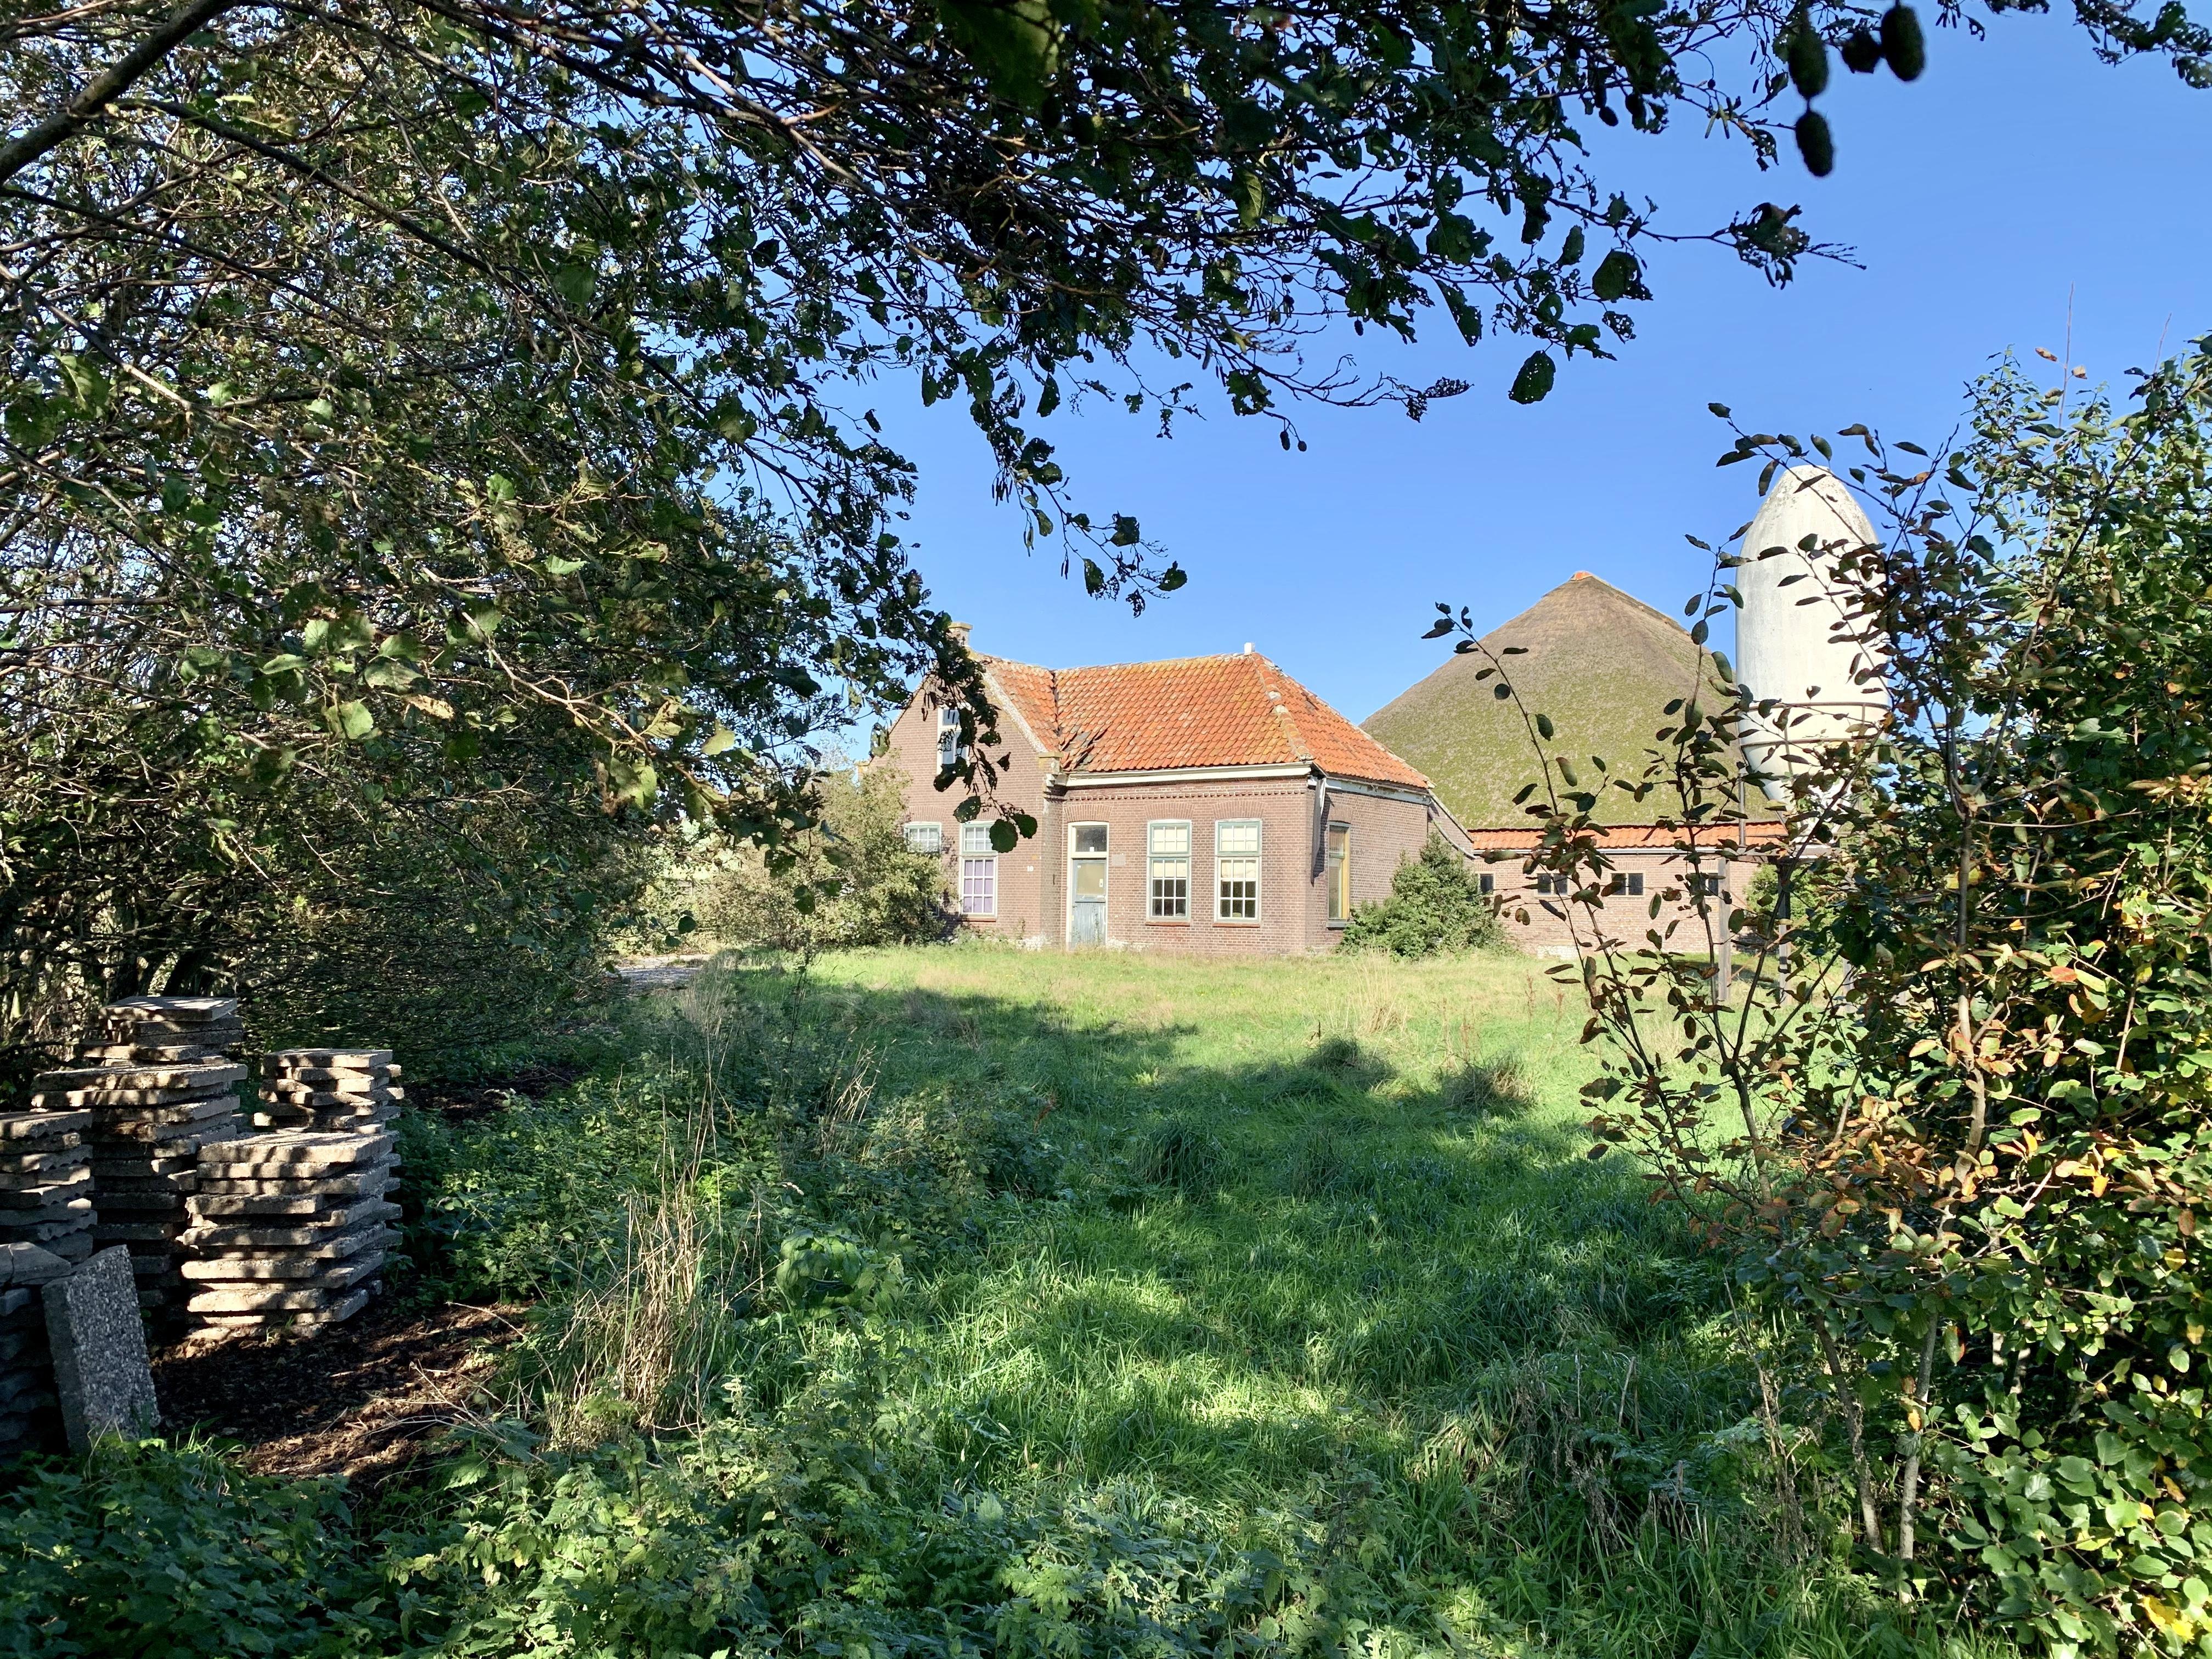 Veel weerstand uit het dorp, maar de gemeente zet toch door. Aan de Helmweg in Groote Keeten mag een nieuw hotel komen